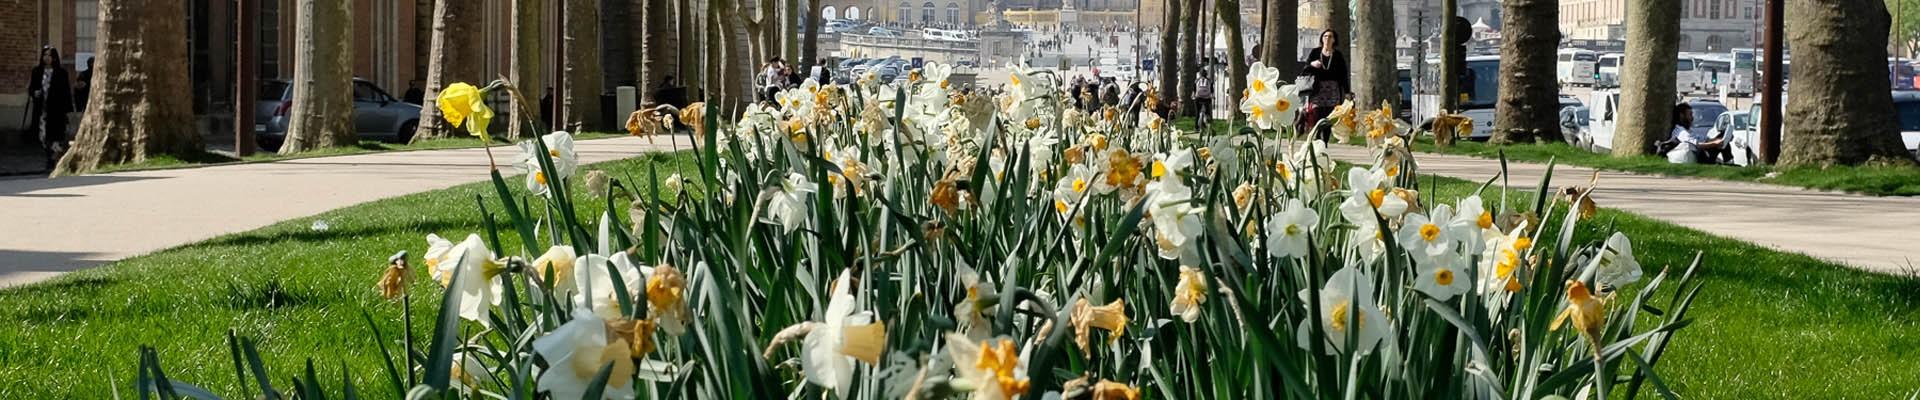 Versailles in spring